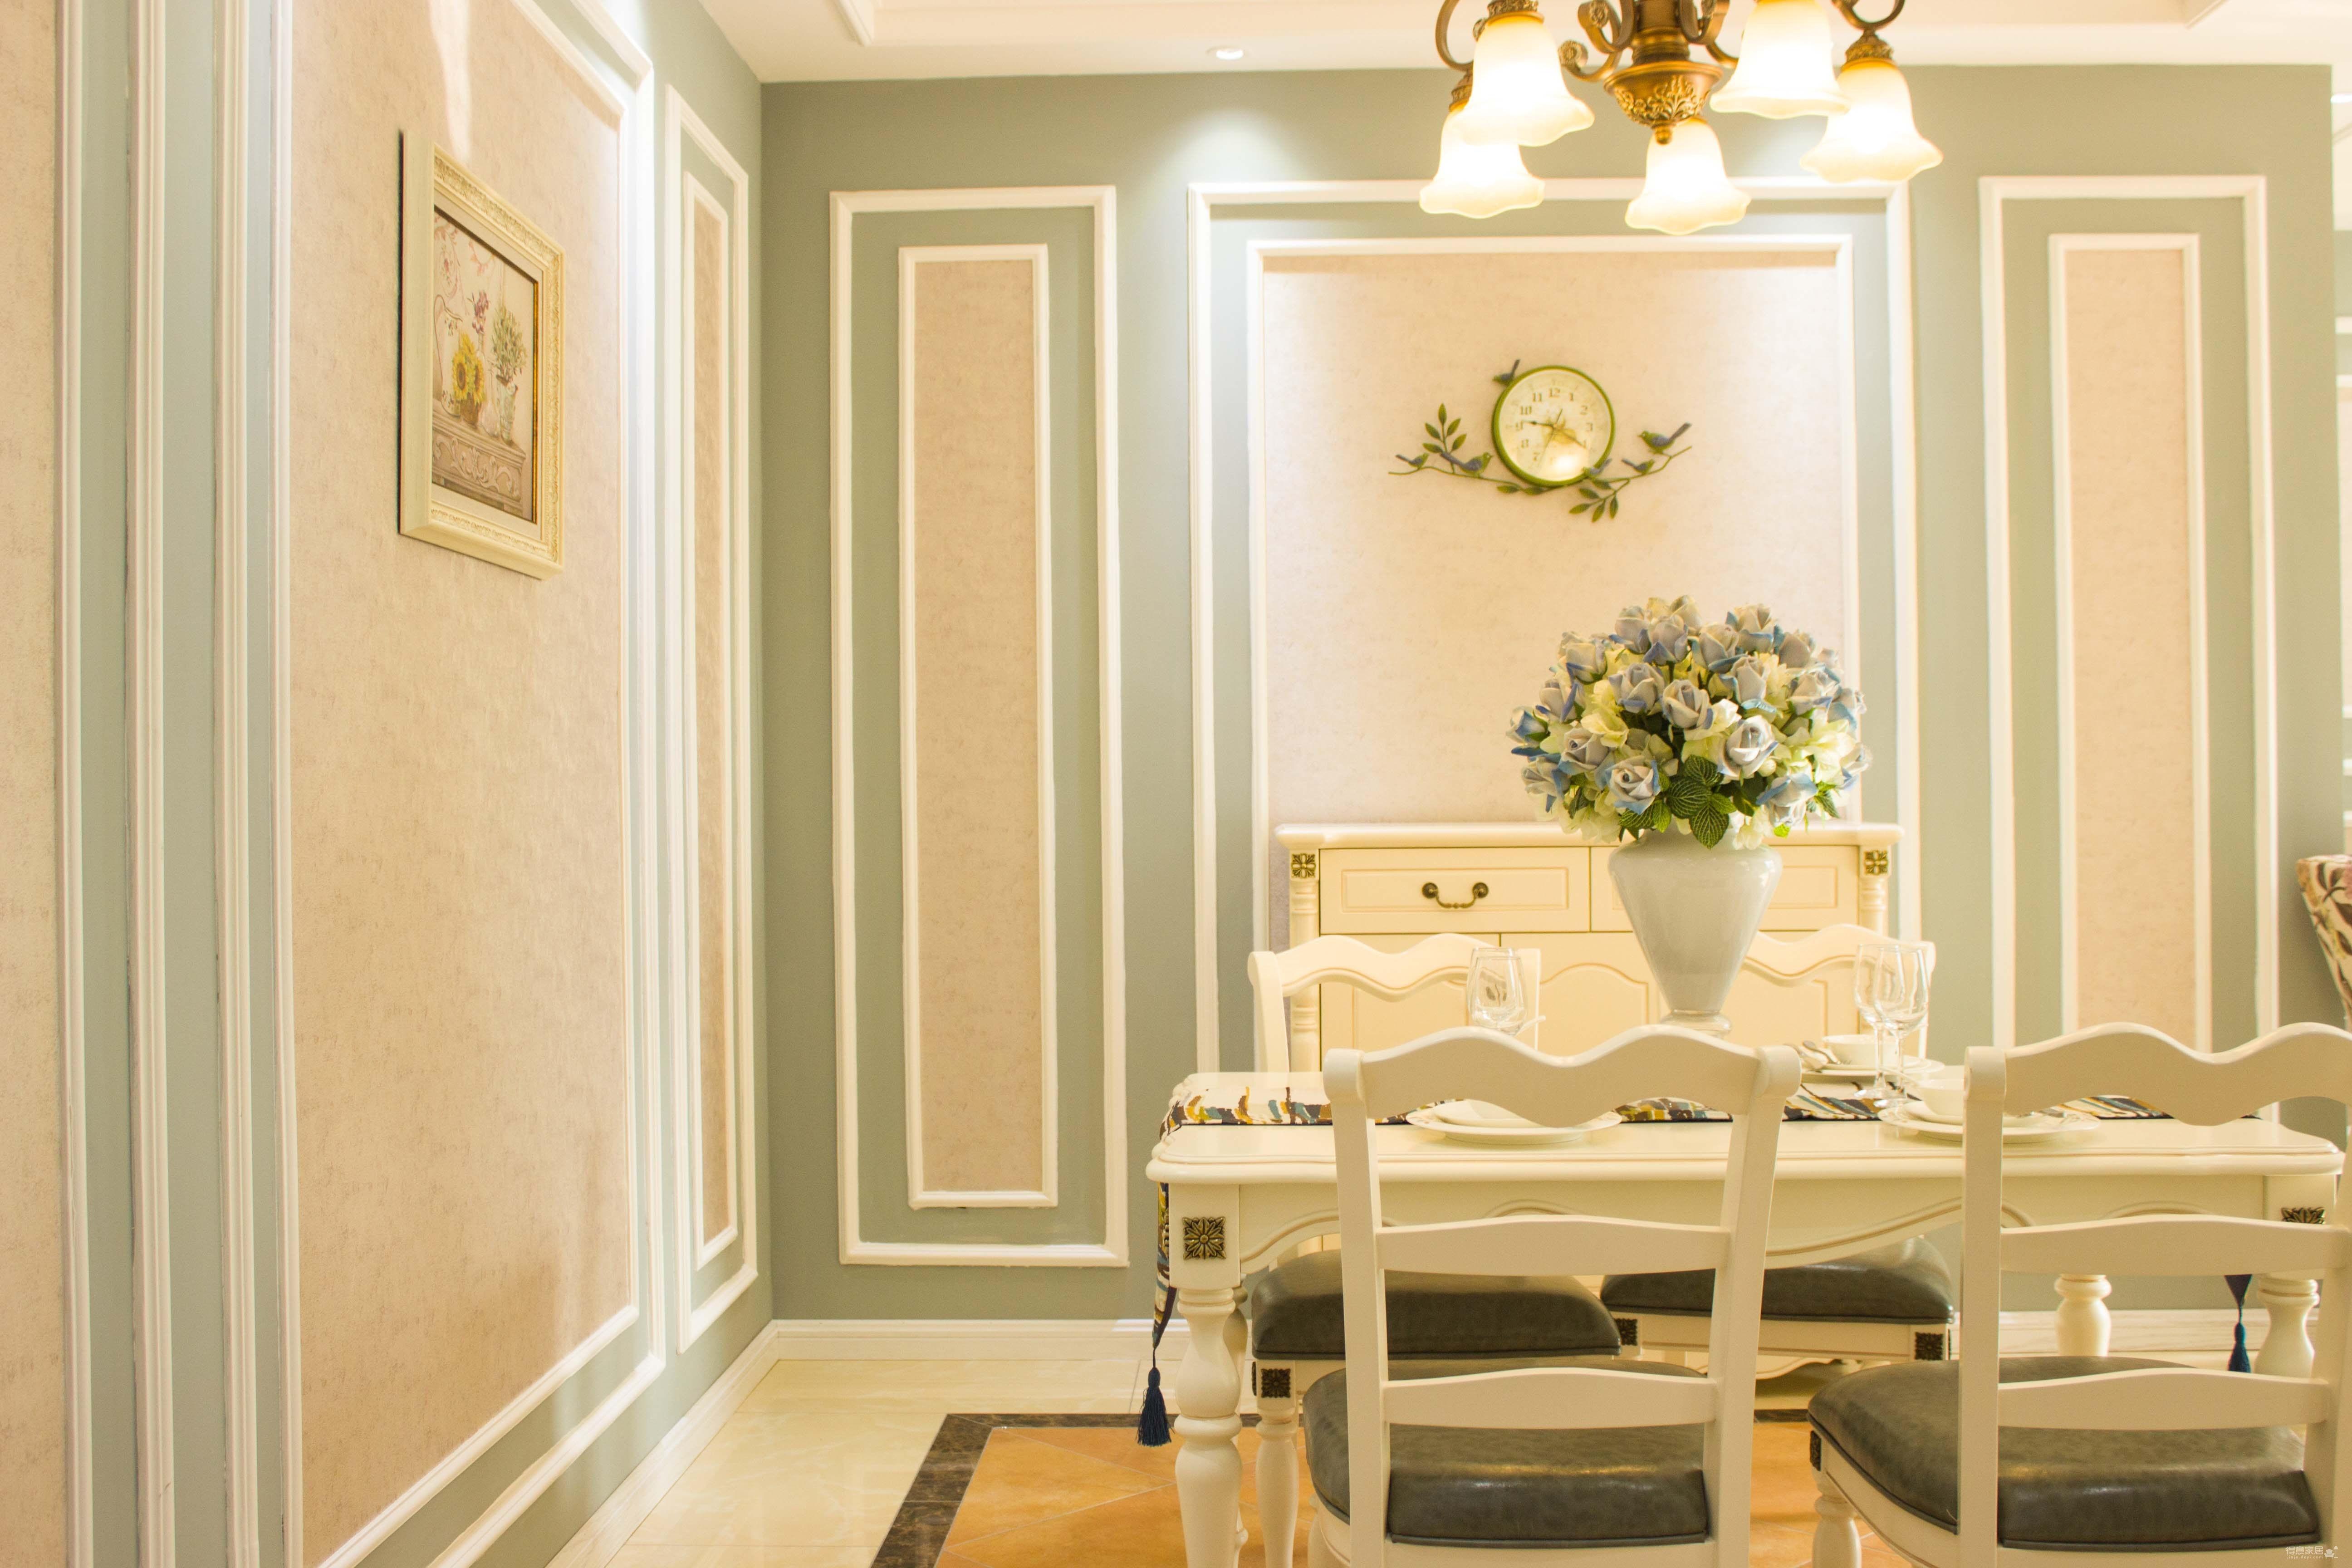 法式蓝色小清新装修效果图_得意家居装修图库_得意